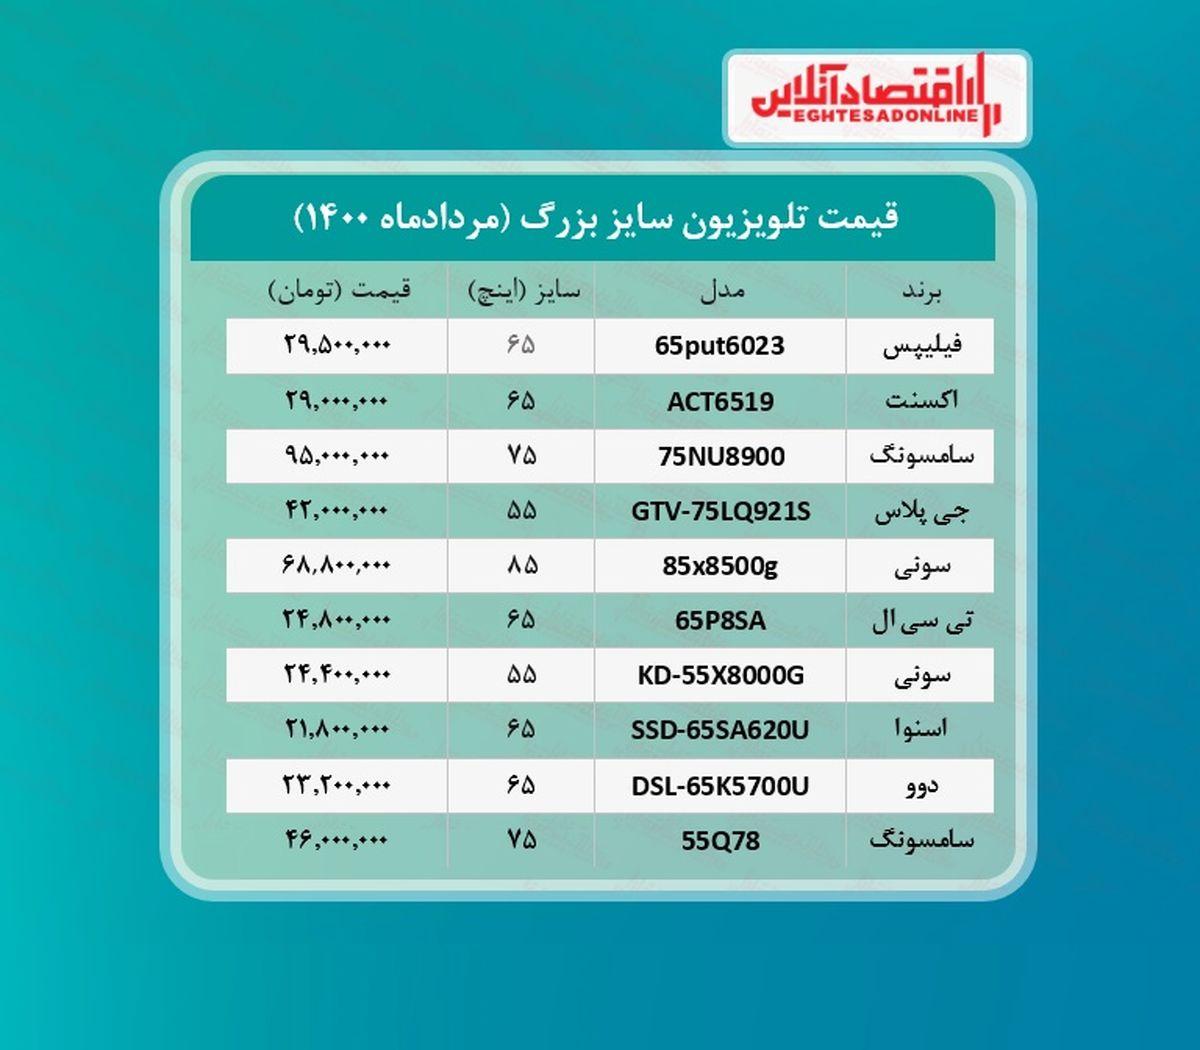 قیمت جدید تلویزیون بزرگ! / ۱۵مردادماه